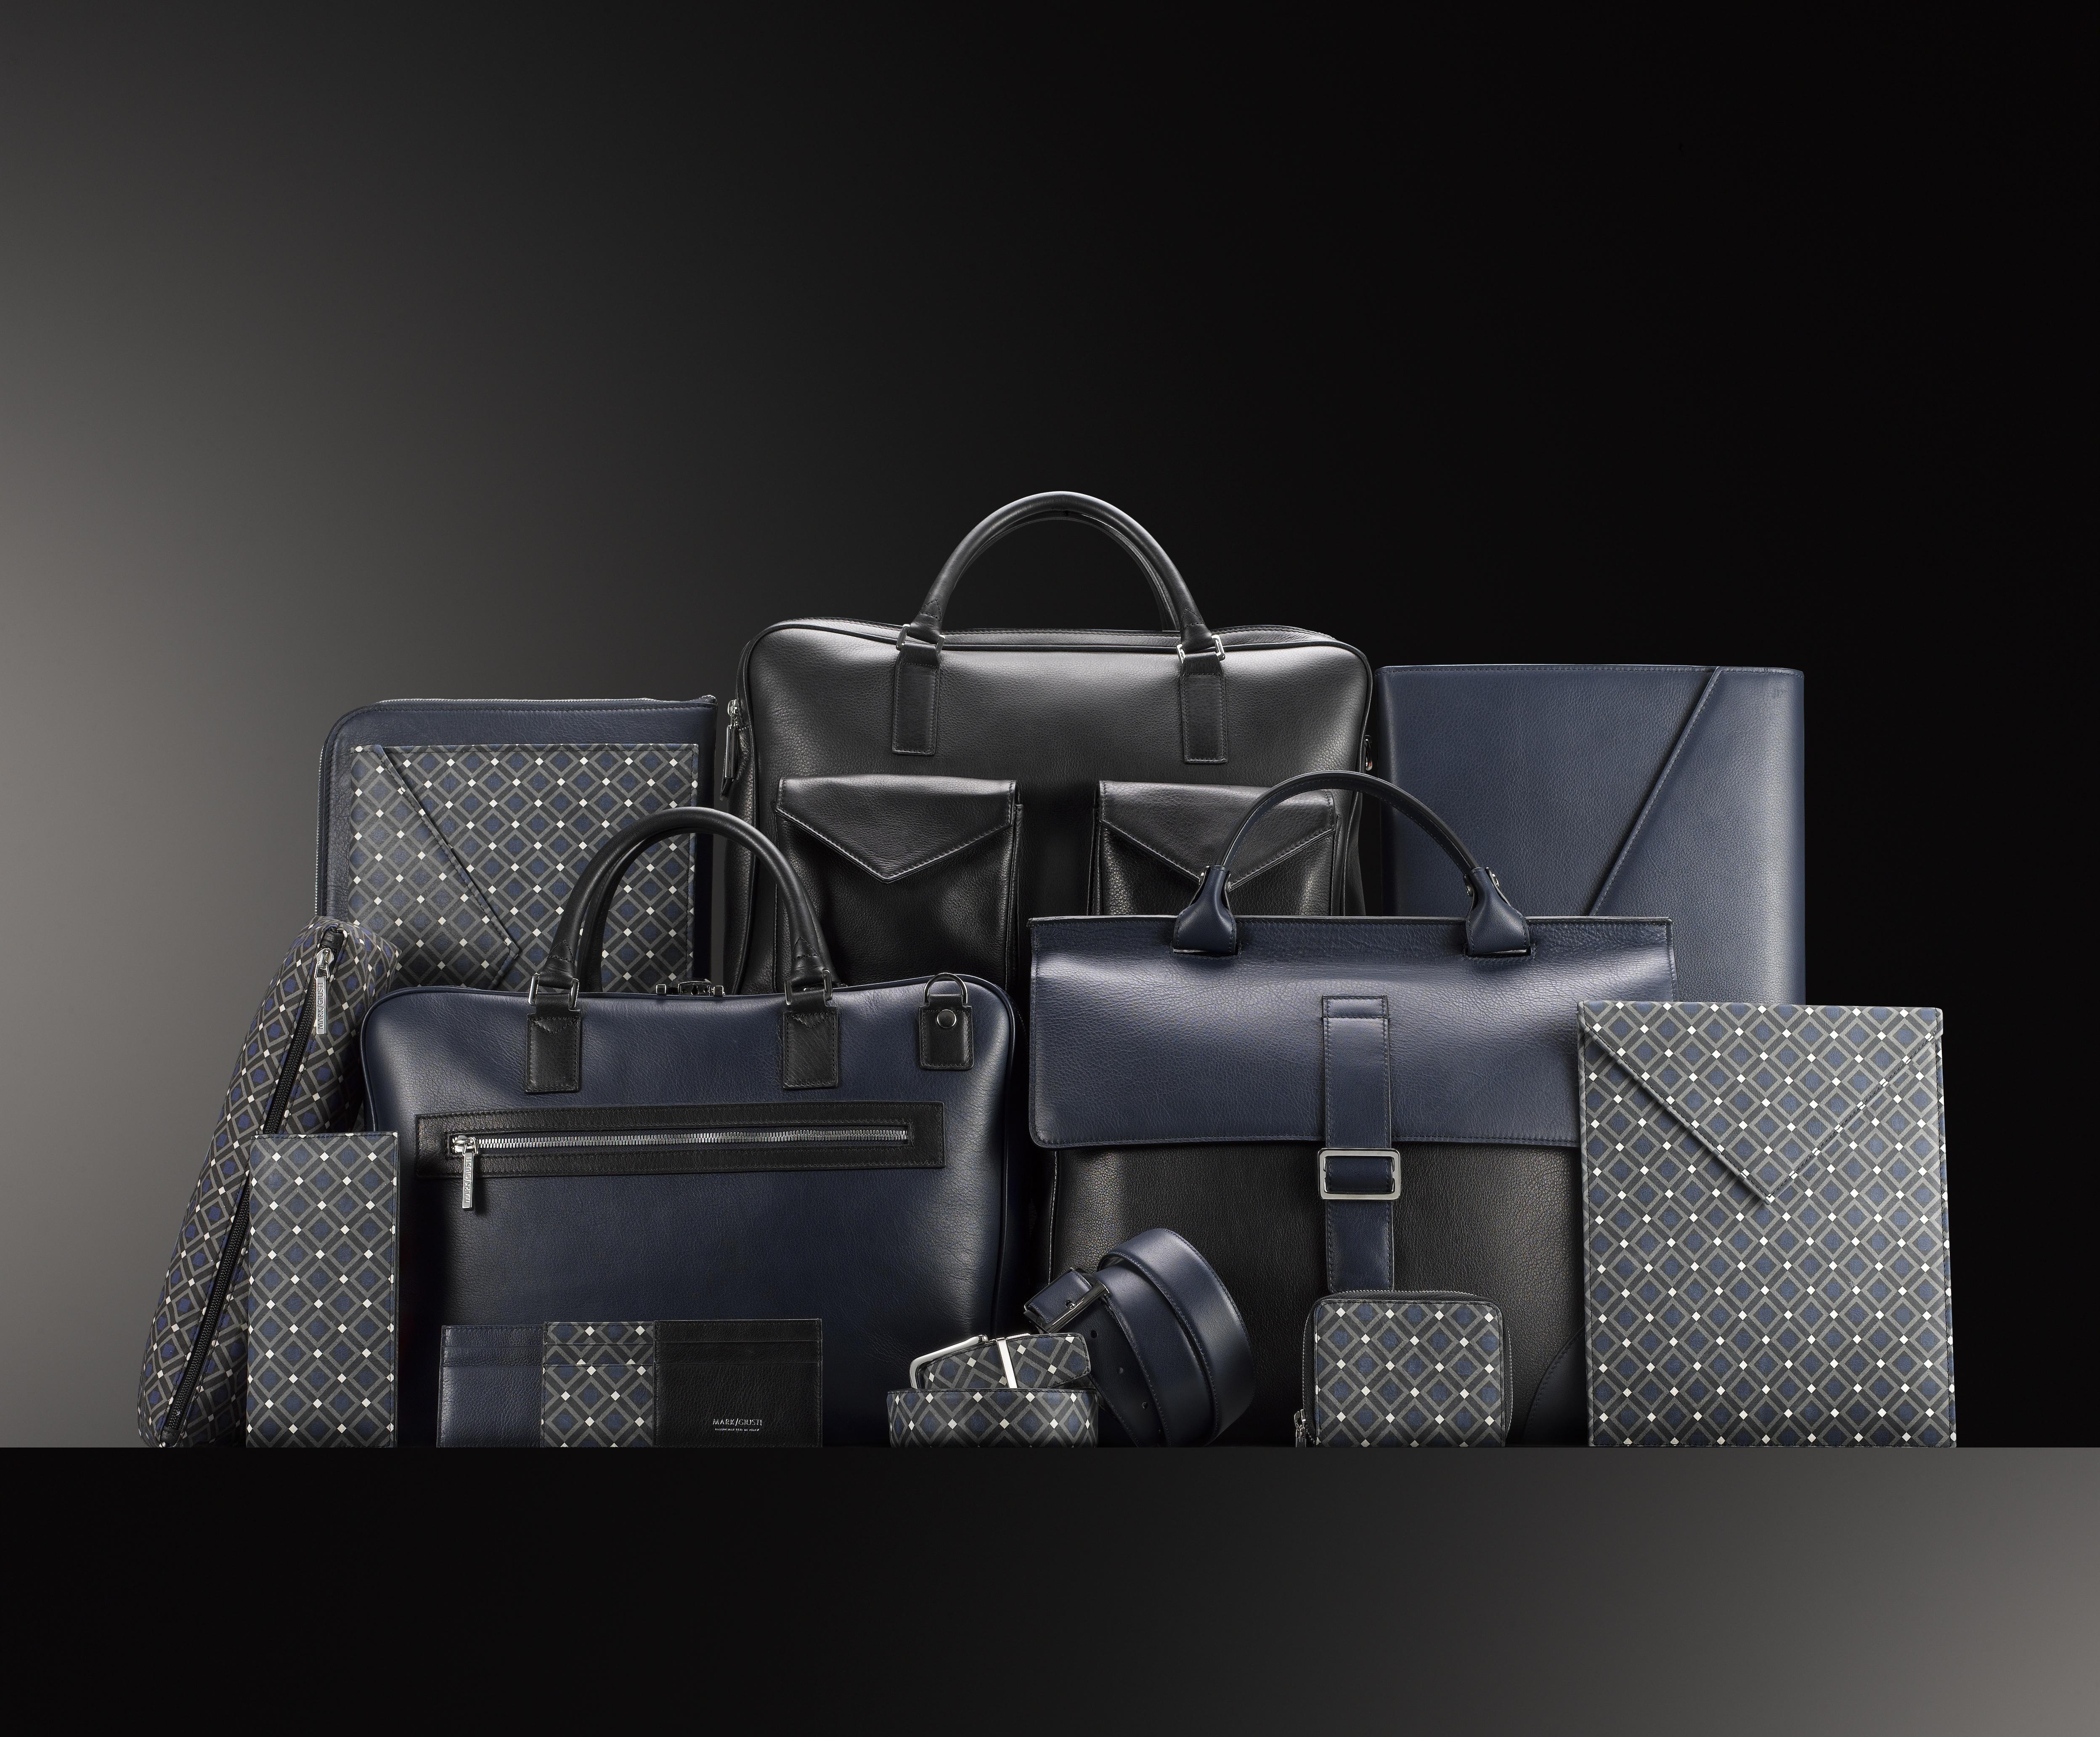 Les sacs et accessoires de Mark Giusti.